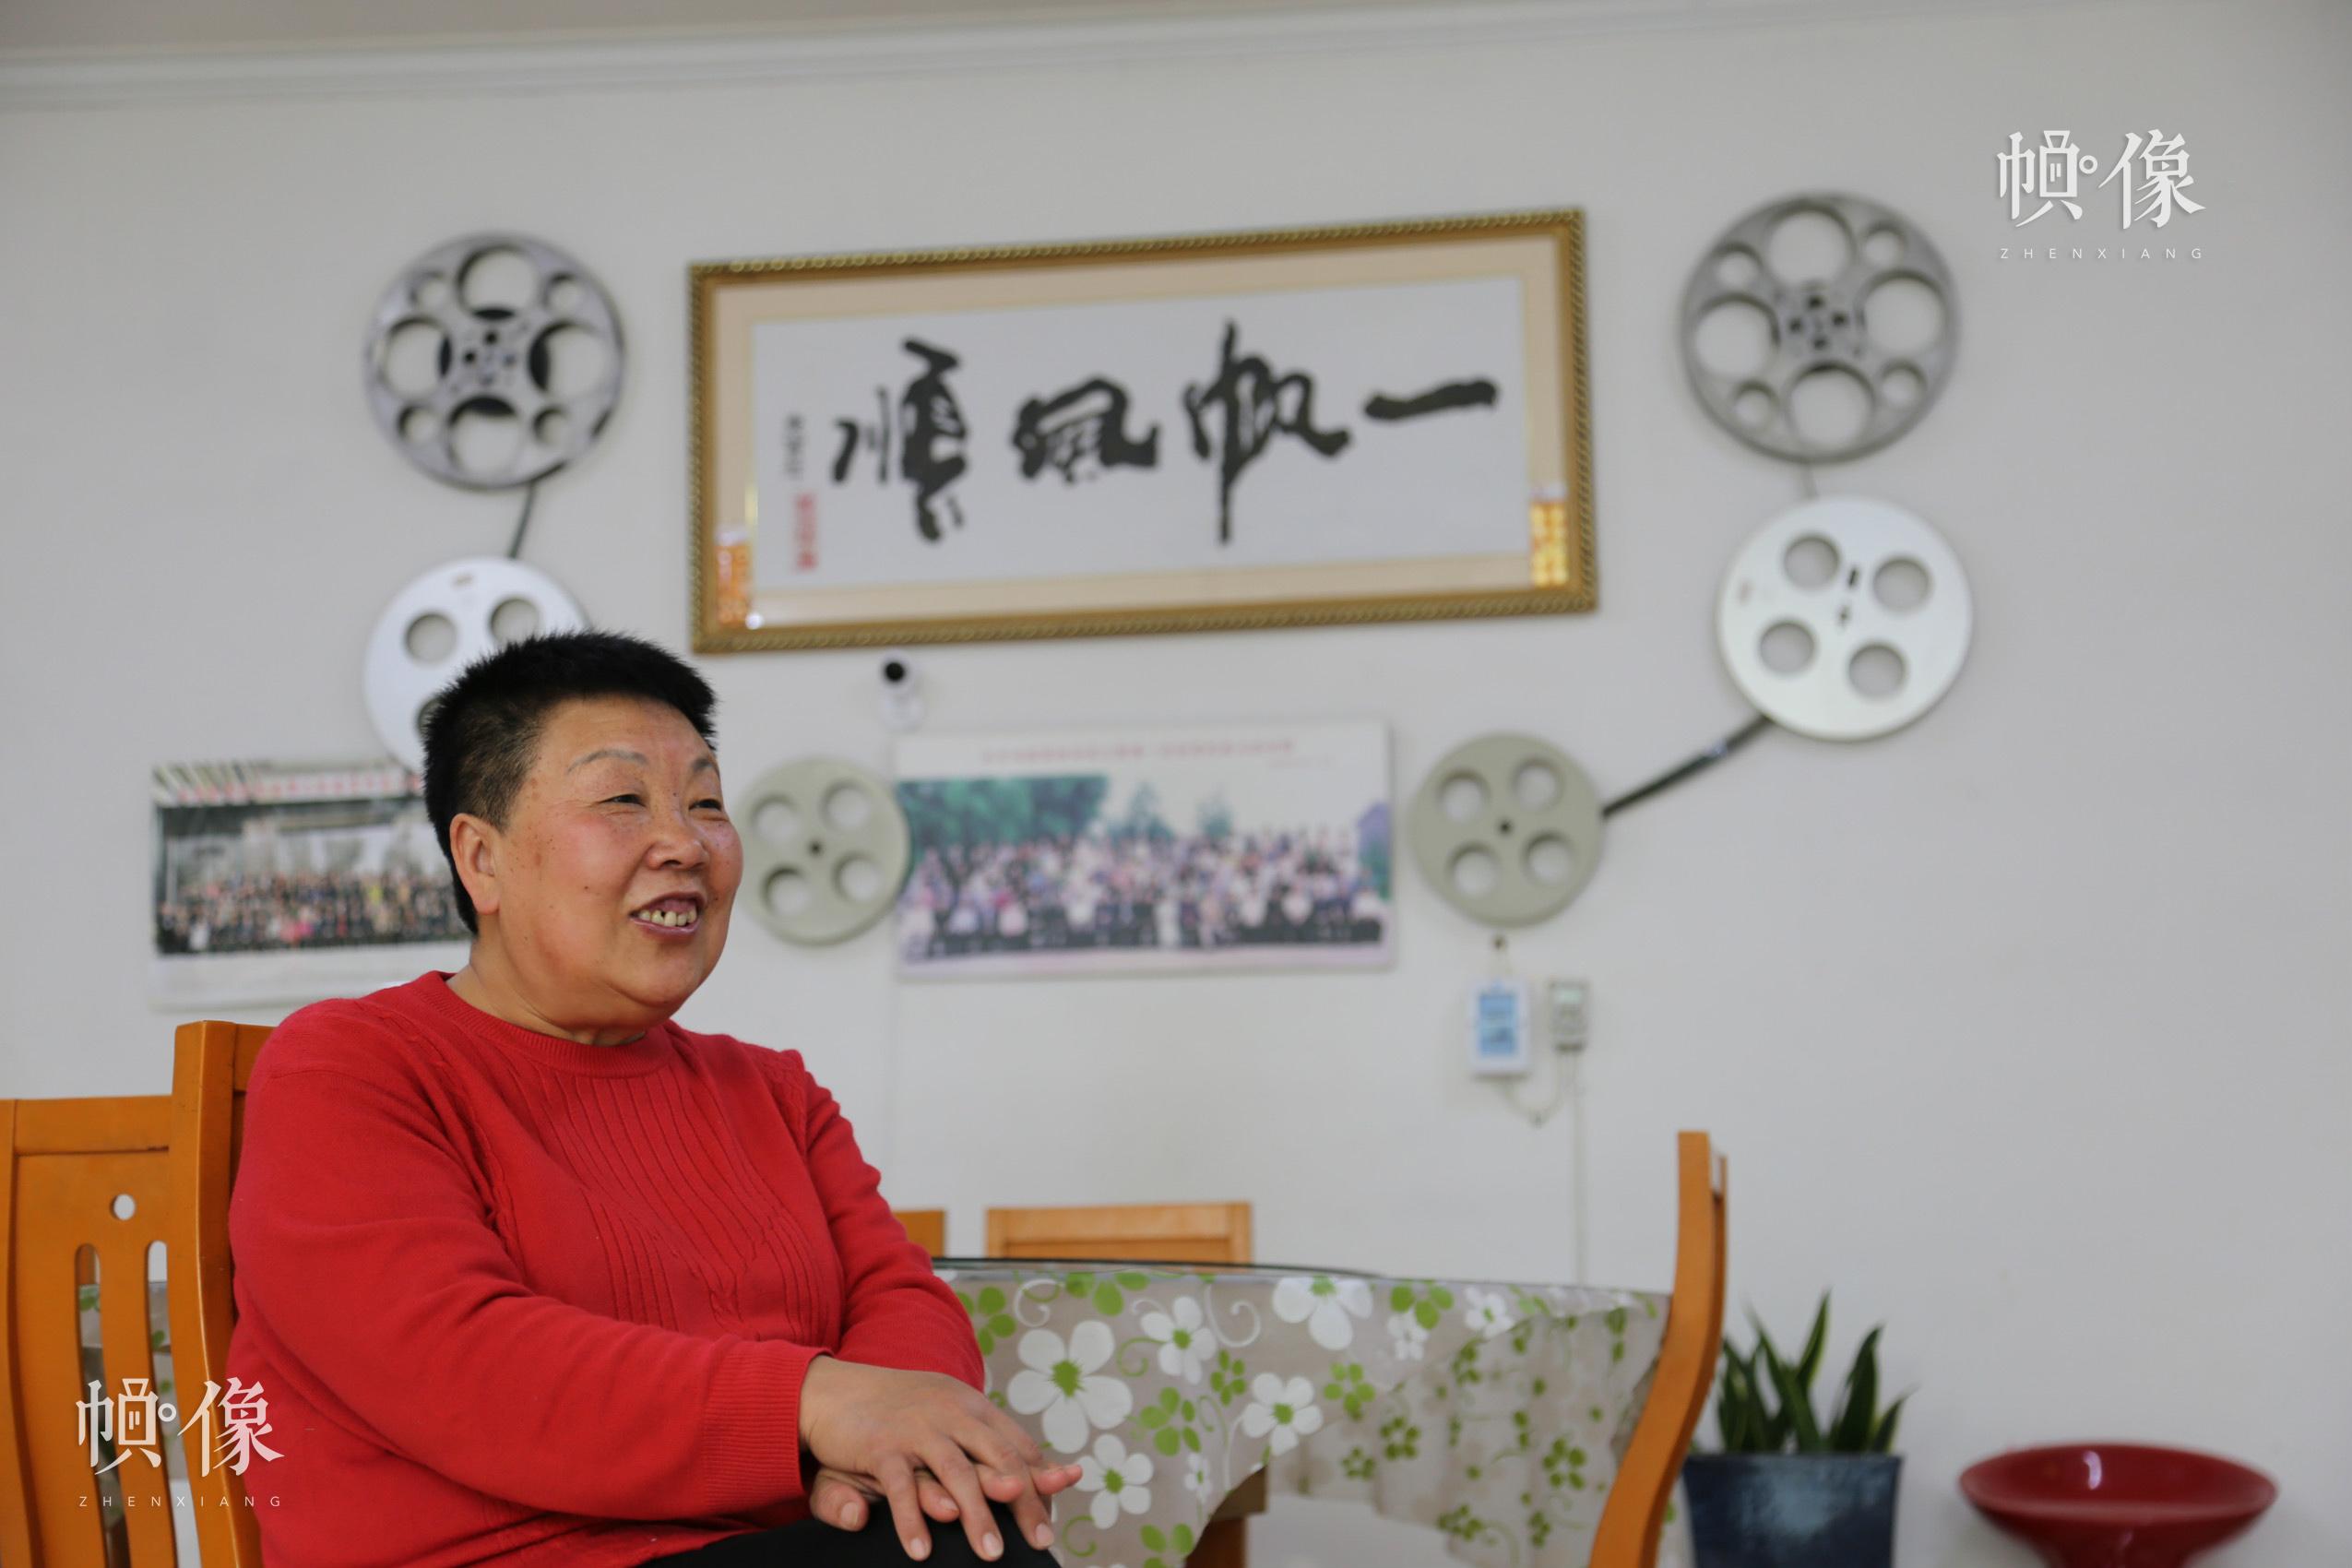 拟音师魏俊华向中国网记者介绍工作经历。 中国网实习记者 黄牧晨 摄